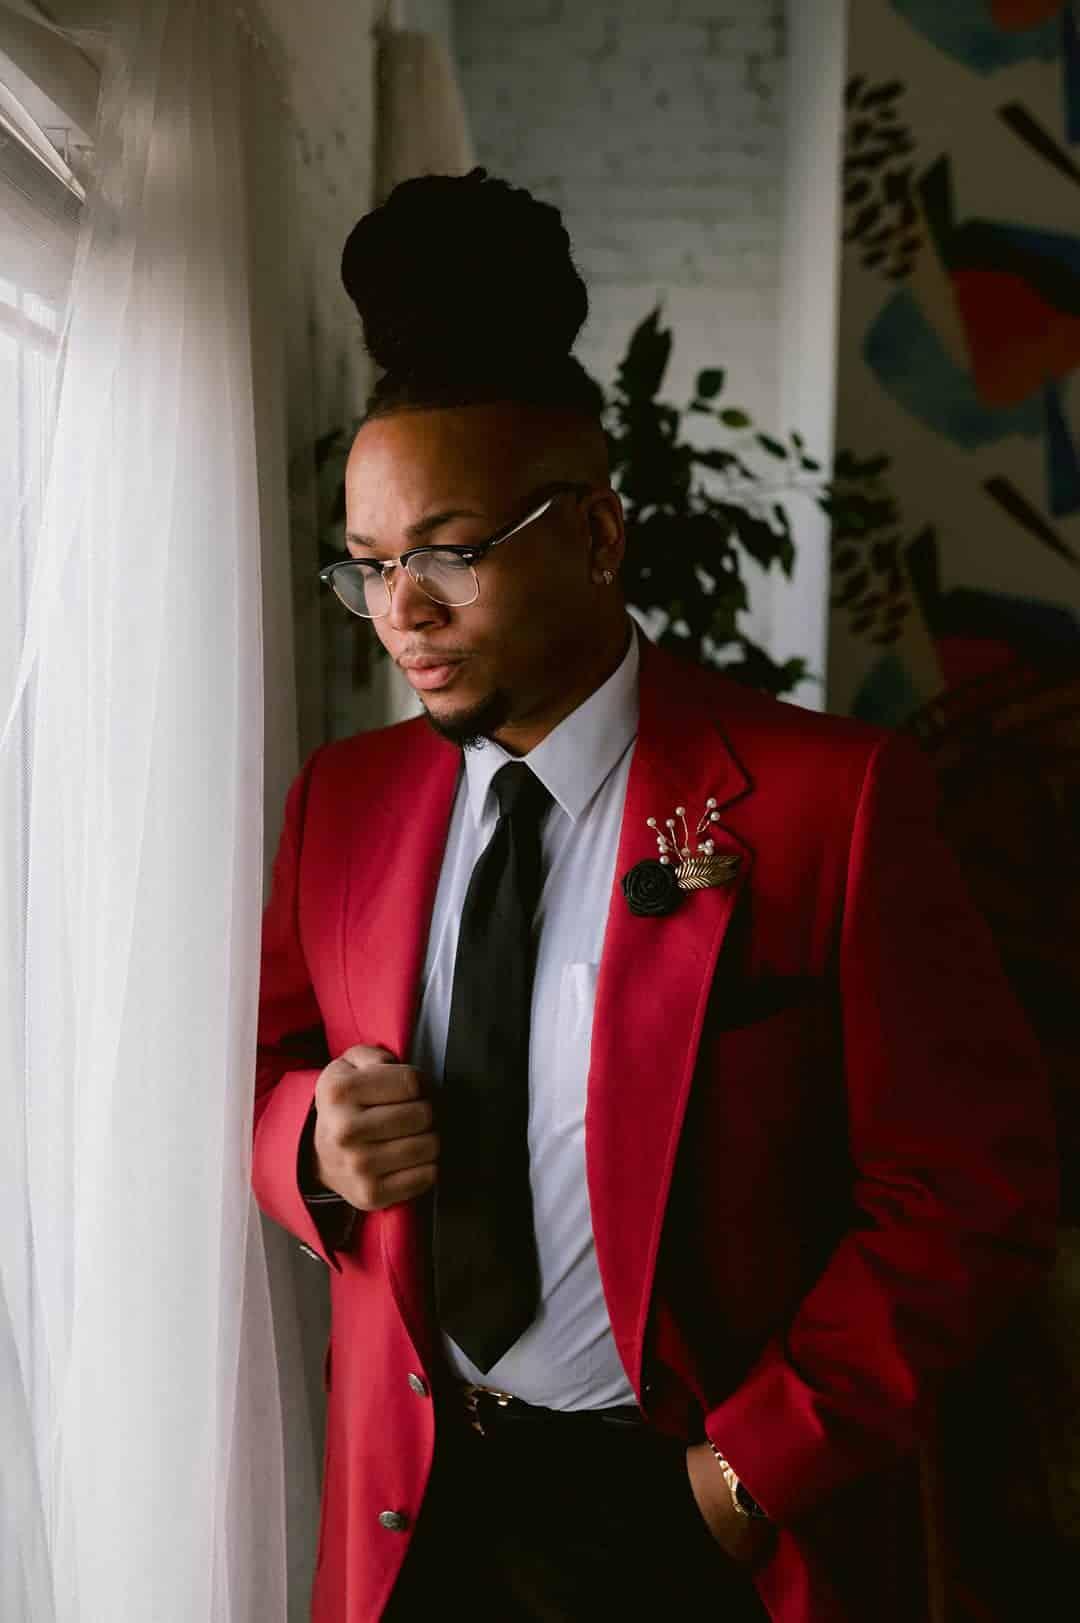 BEAUTIFUL WEDDING INSPIRATION FOR COUPLES WHO WANT TO CELEBRATE THEIR SPANISH CULTURE 11 - Ý TƯỞNG ĐÁM CƯỚI CHỦ ĐỀ TÂY BAN NHA |  Bespoke-Bride: Wedding Blog